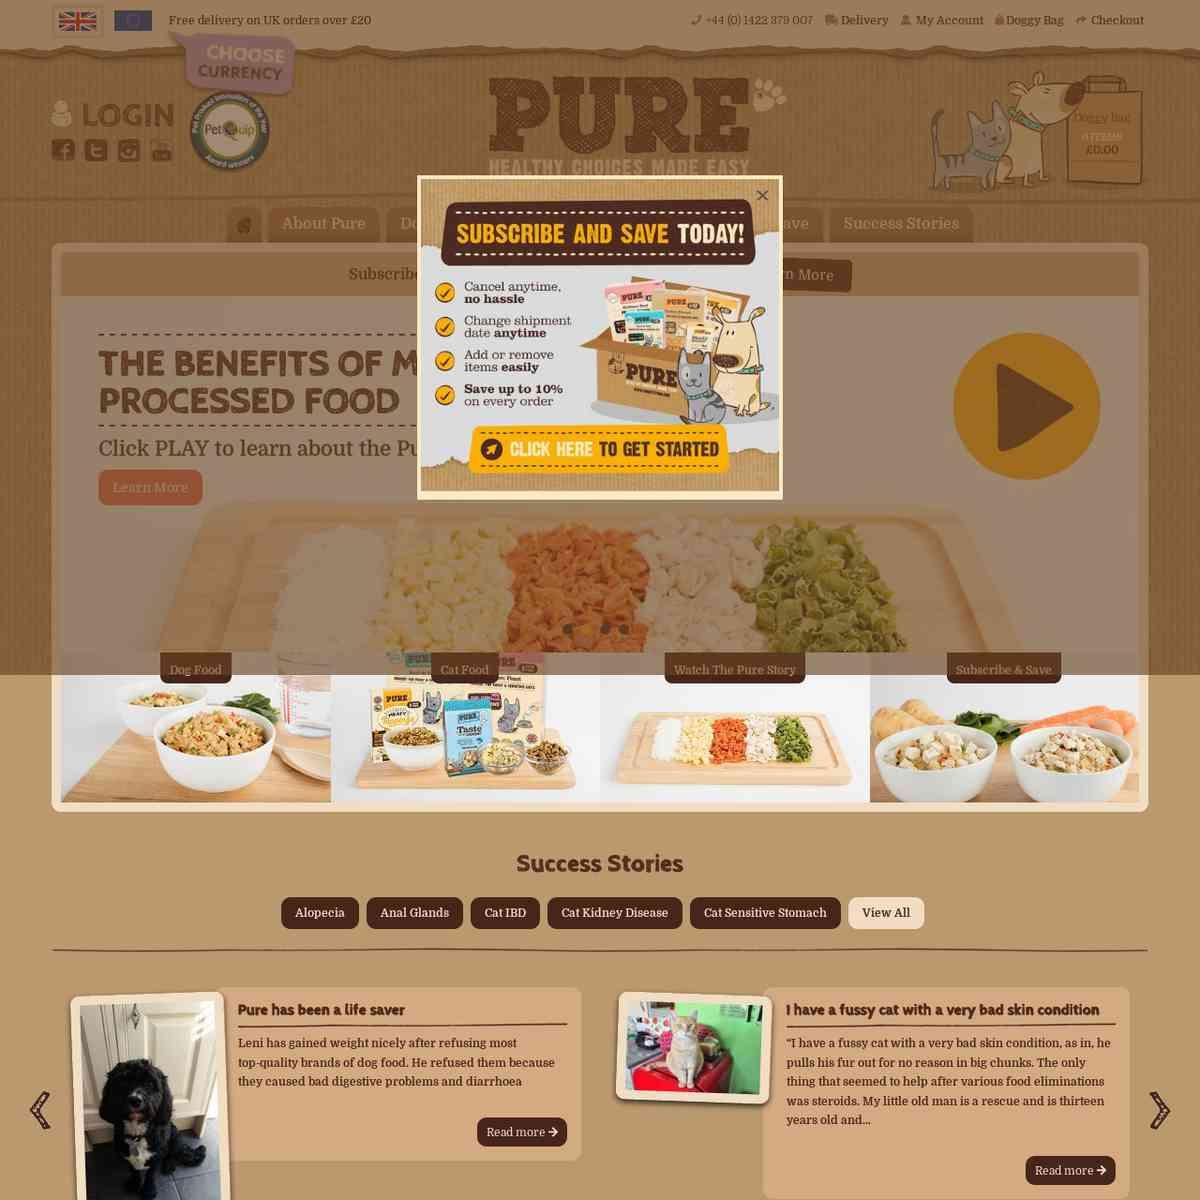 purepetfood.co.uk